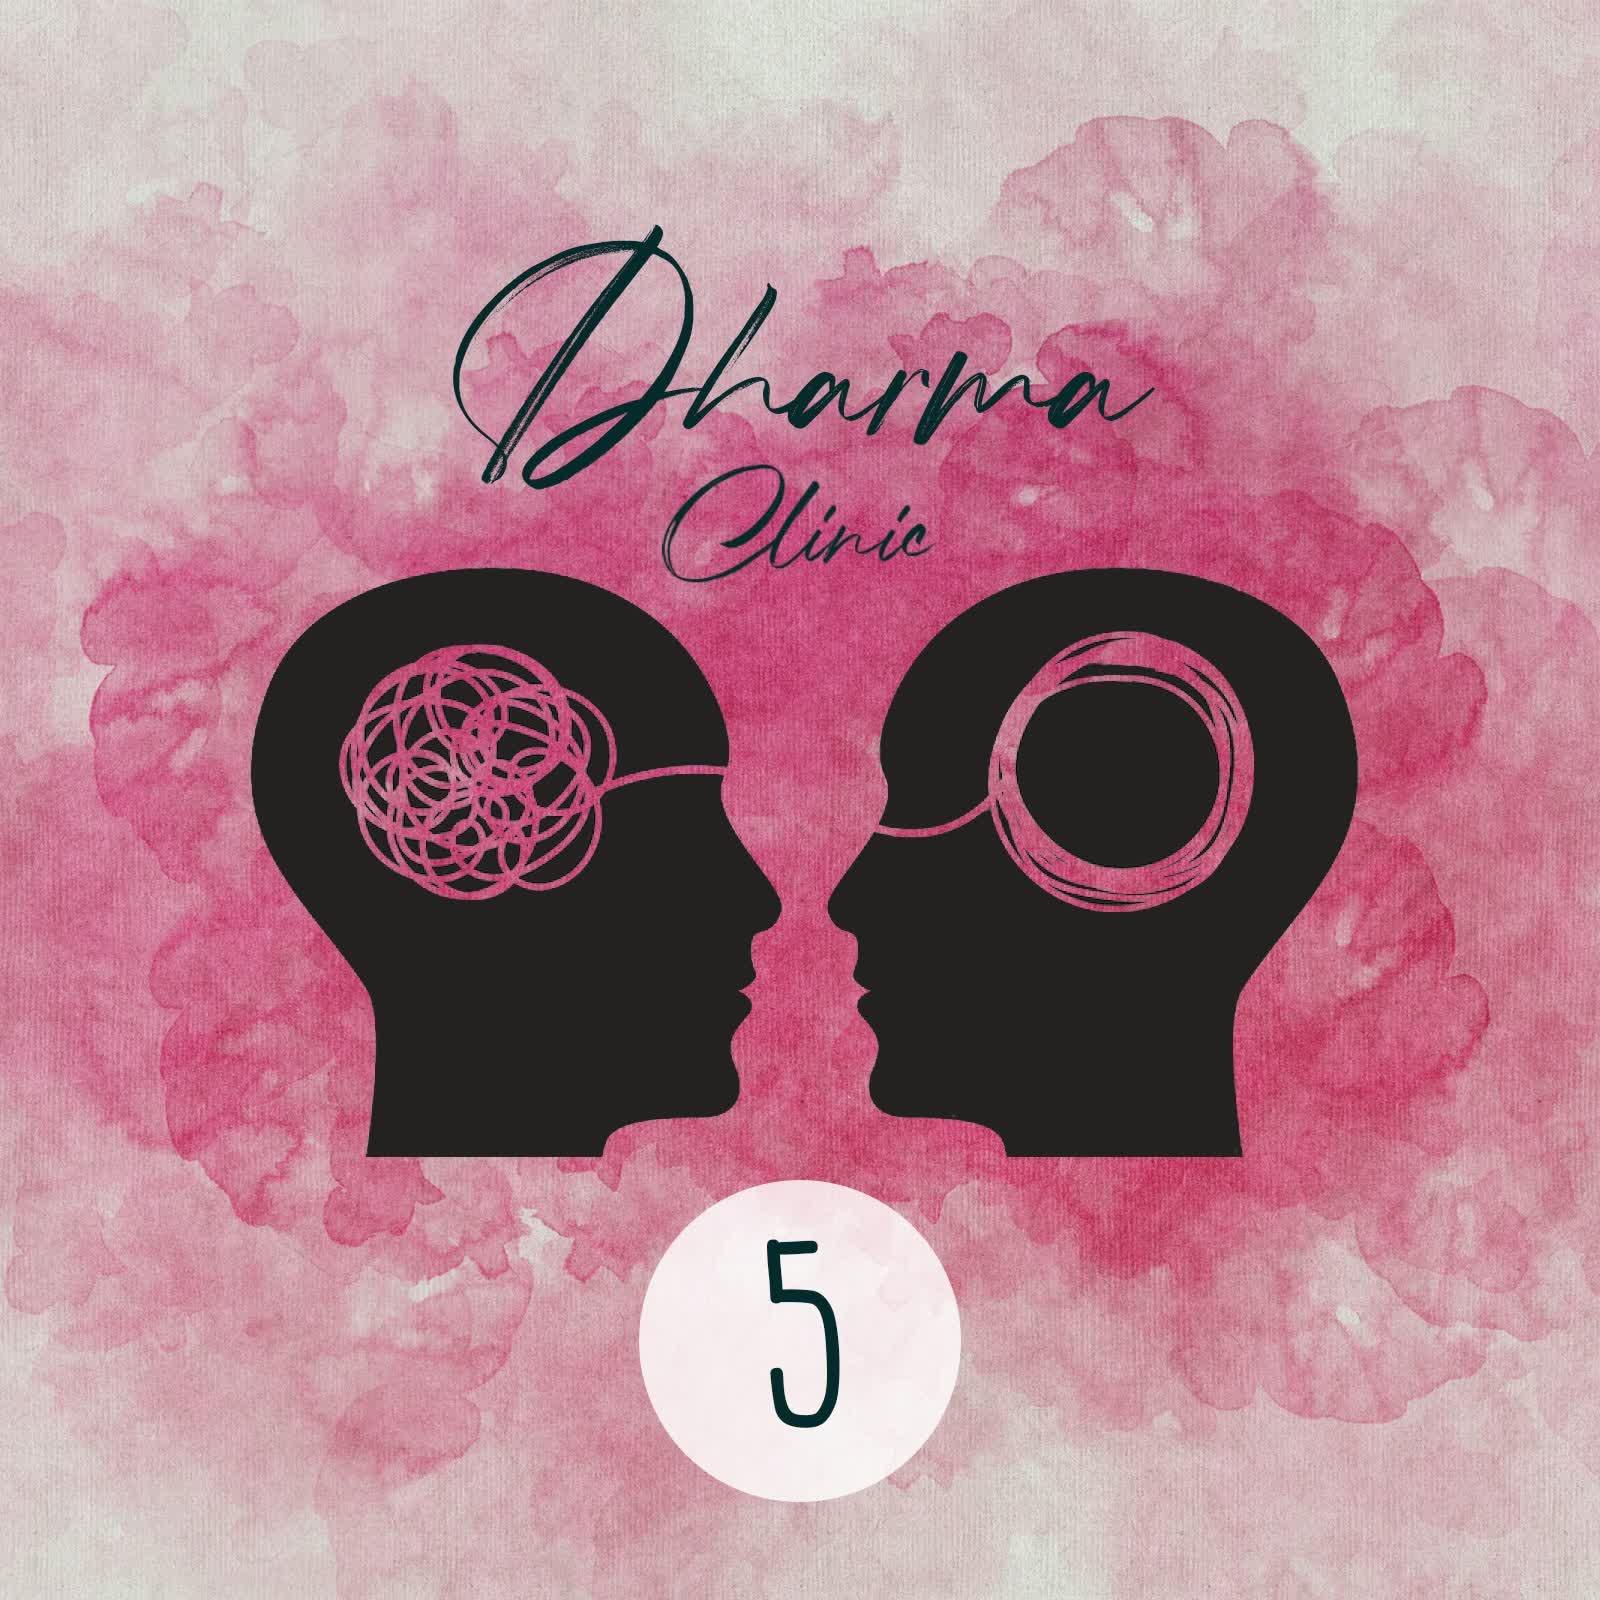 فصل دوم بخش پنجم : اهمیت خواب، داروهای خوابآور، تاثیر مدیتیشن در خواب راحت